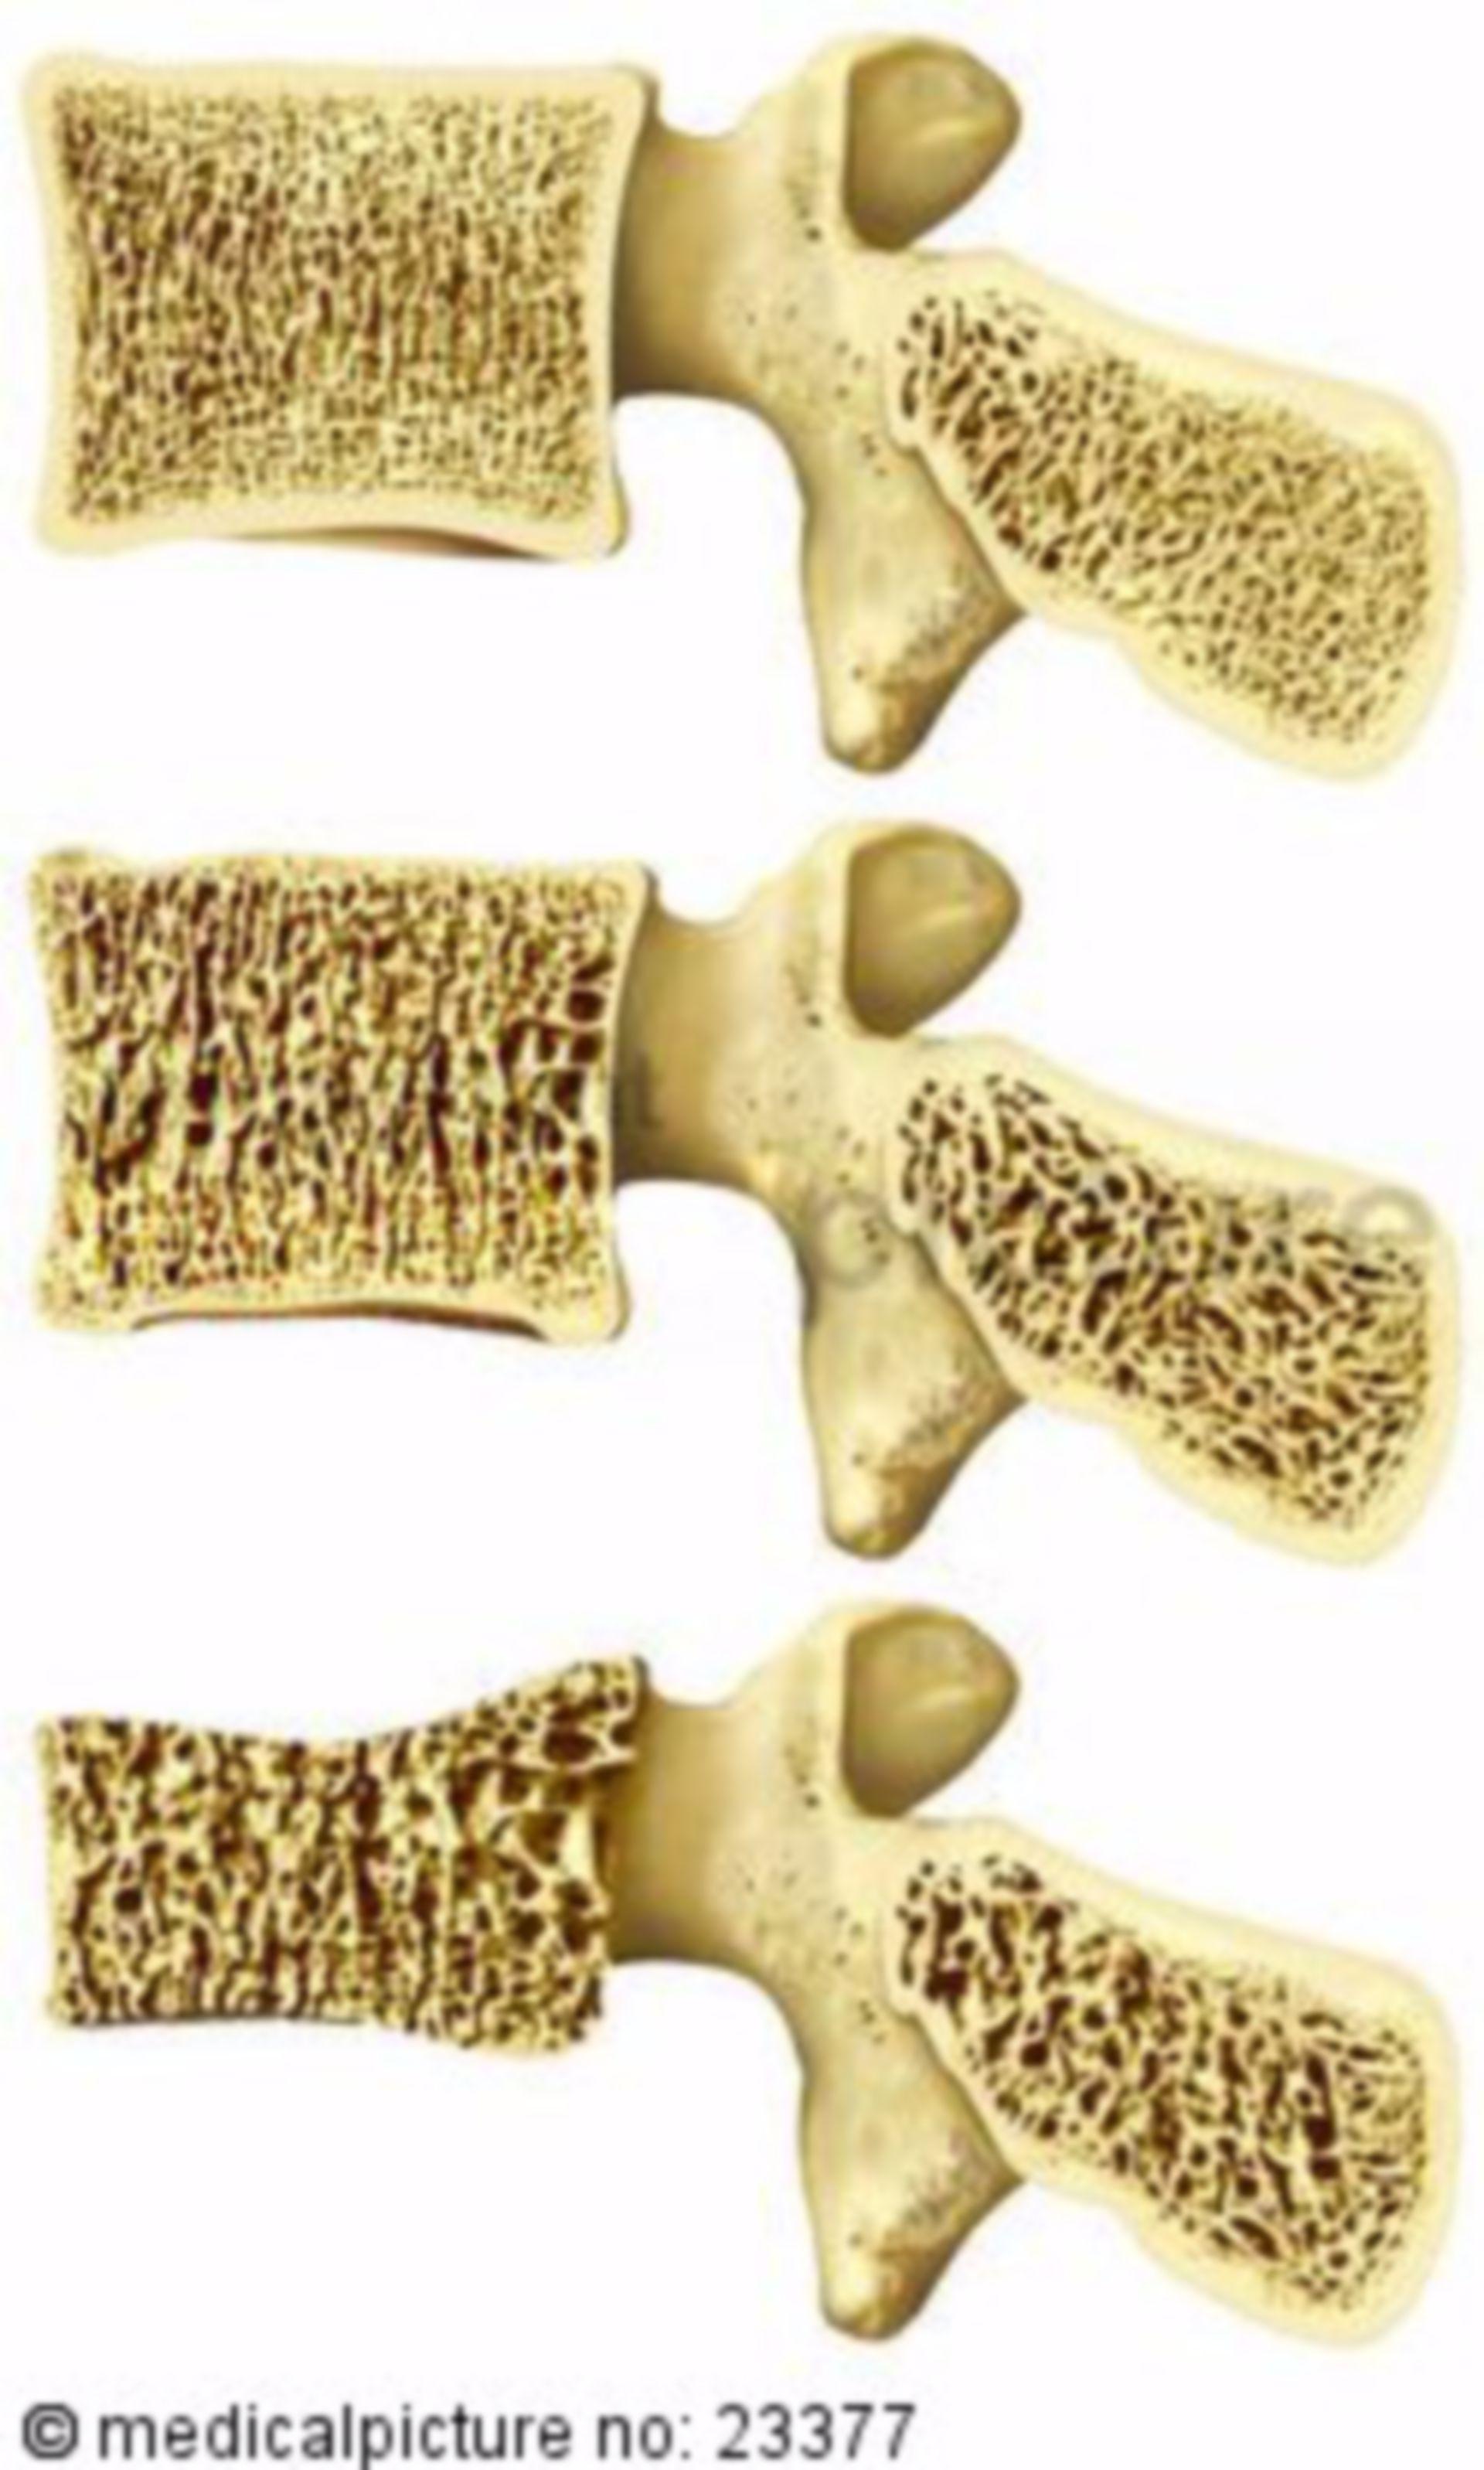 Ospteoporosi della spina dorsale